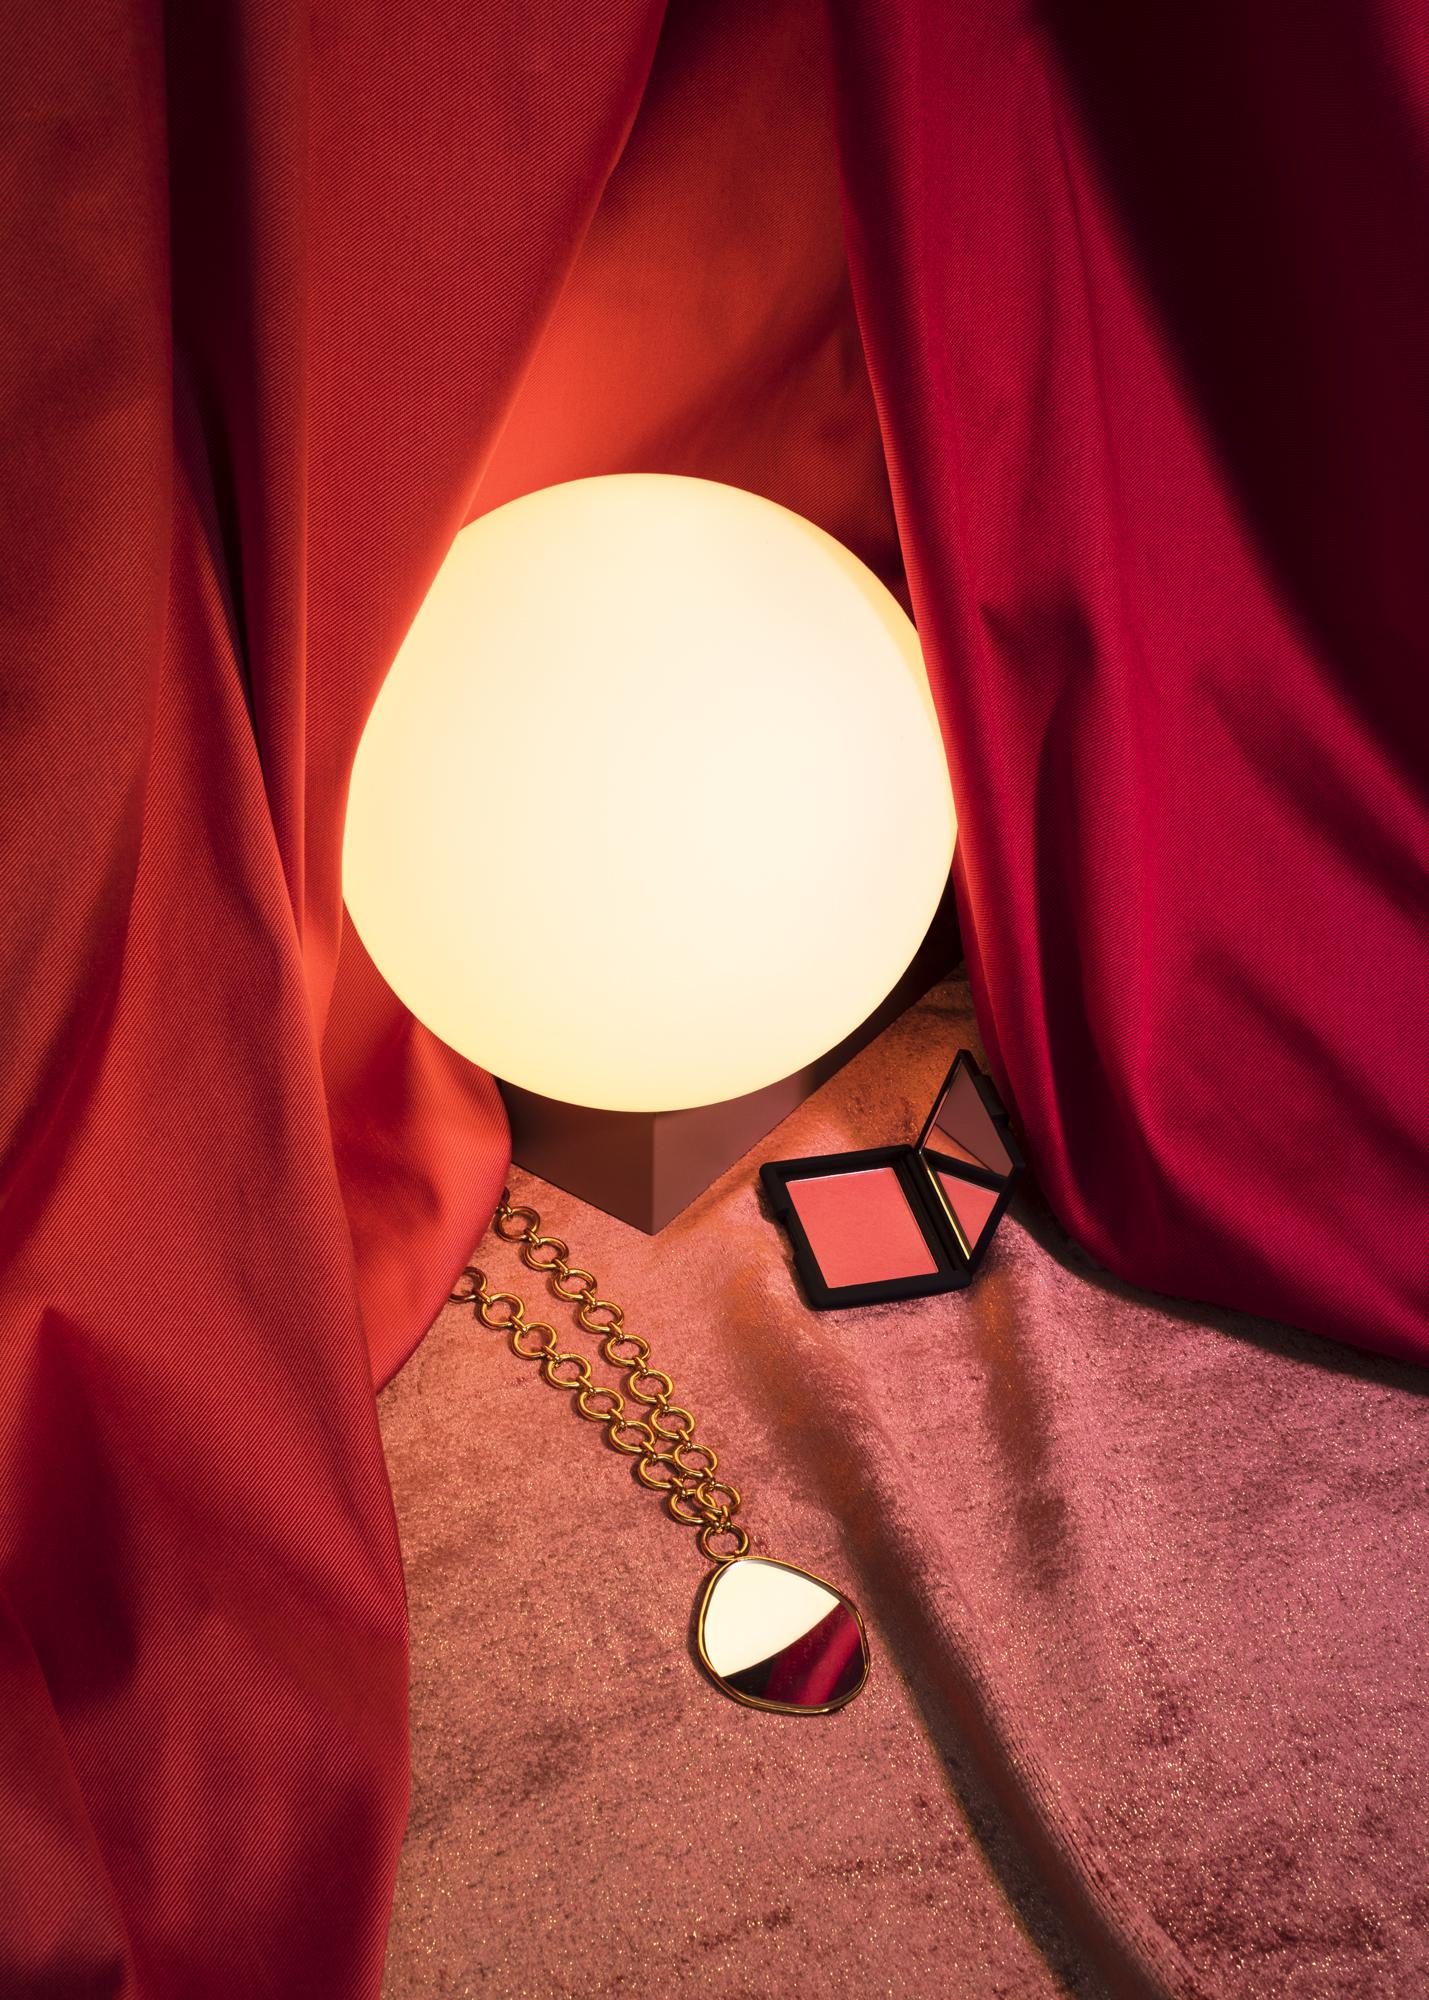 19_OURO_orgasm_©ouro_01B.jpg